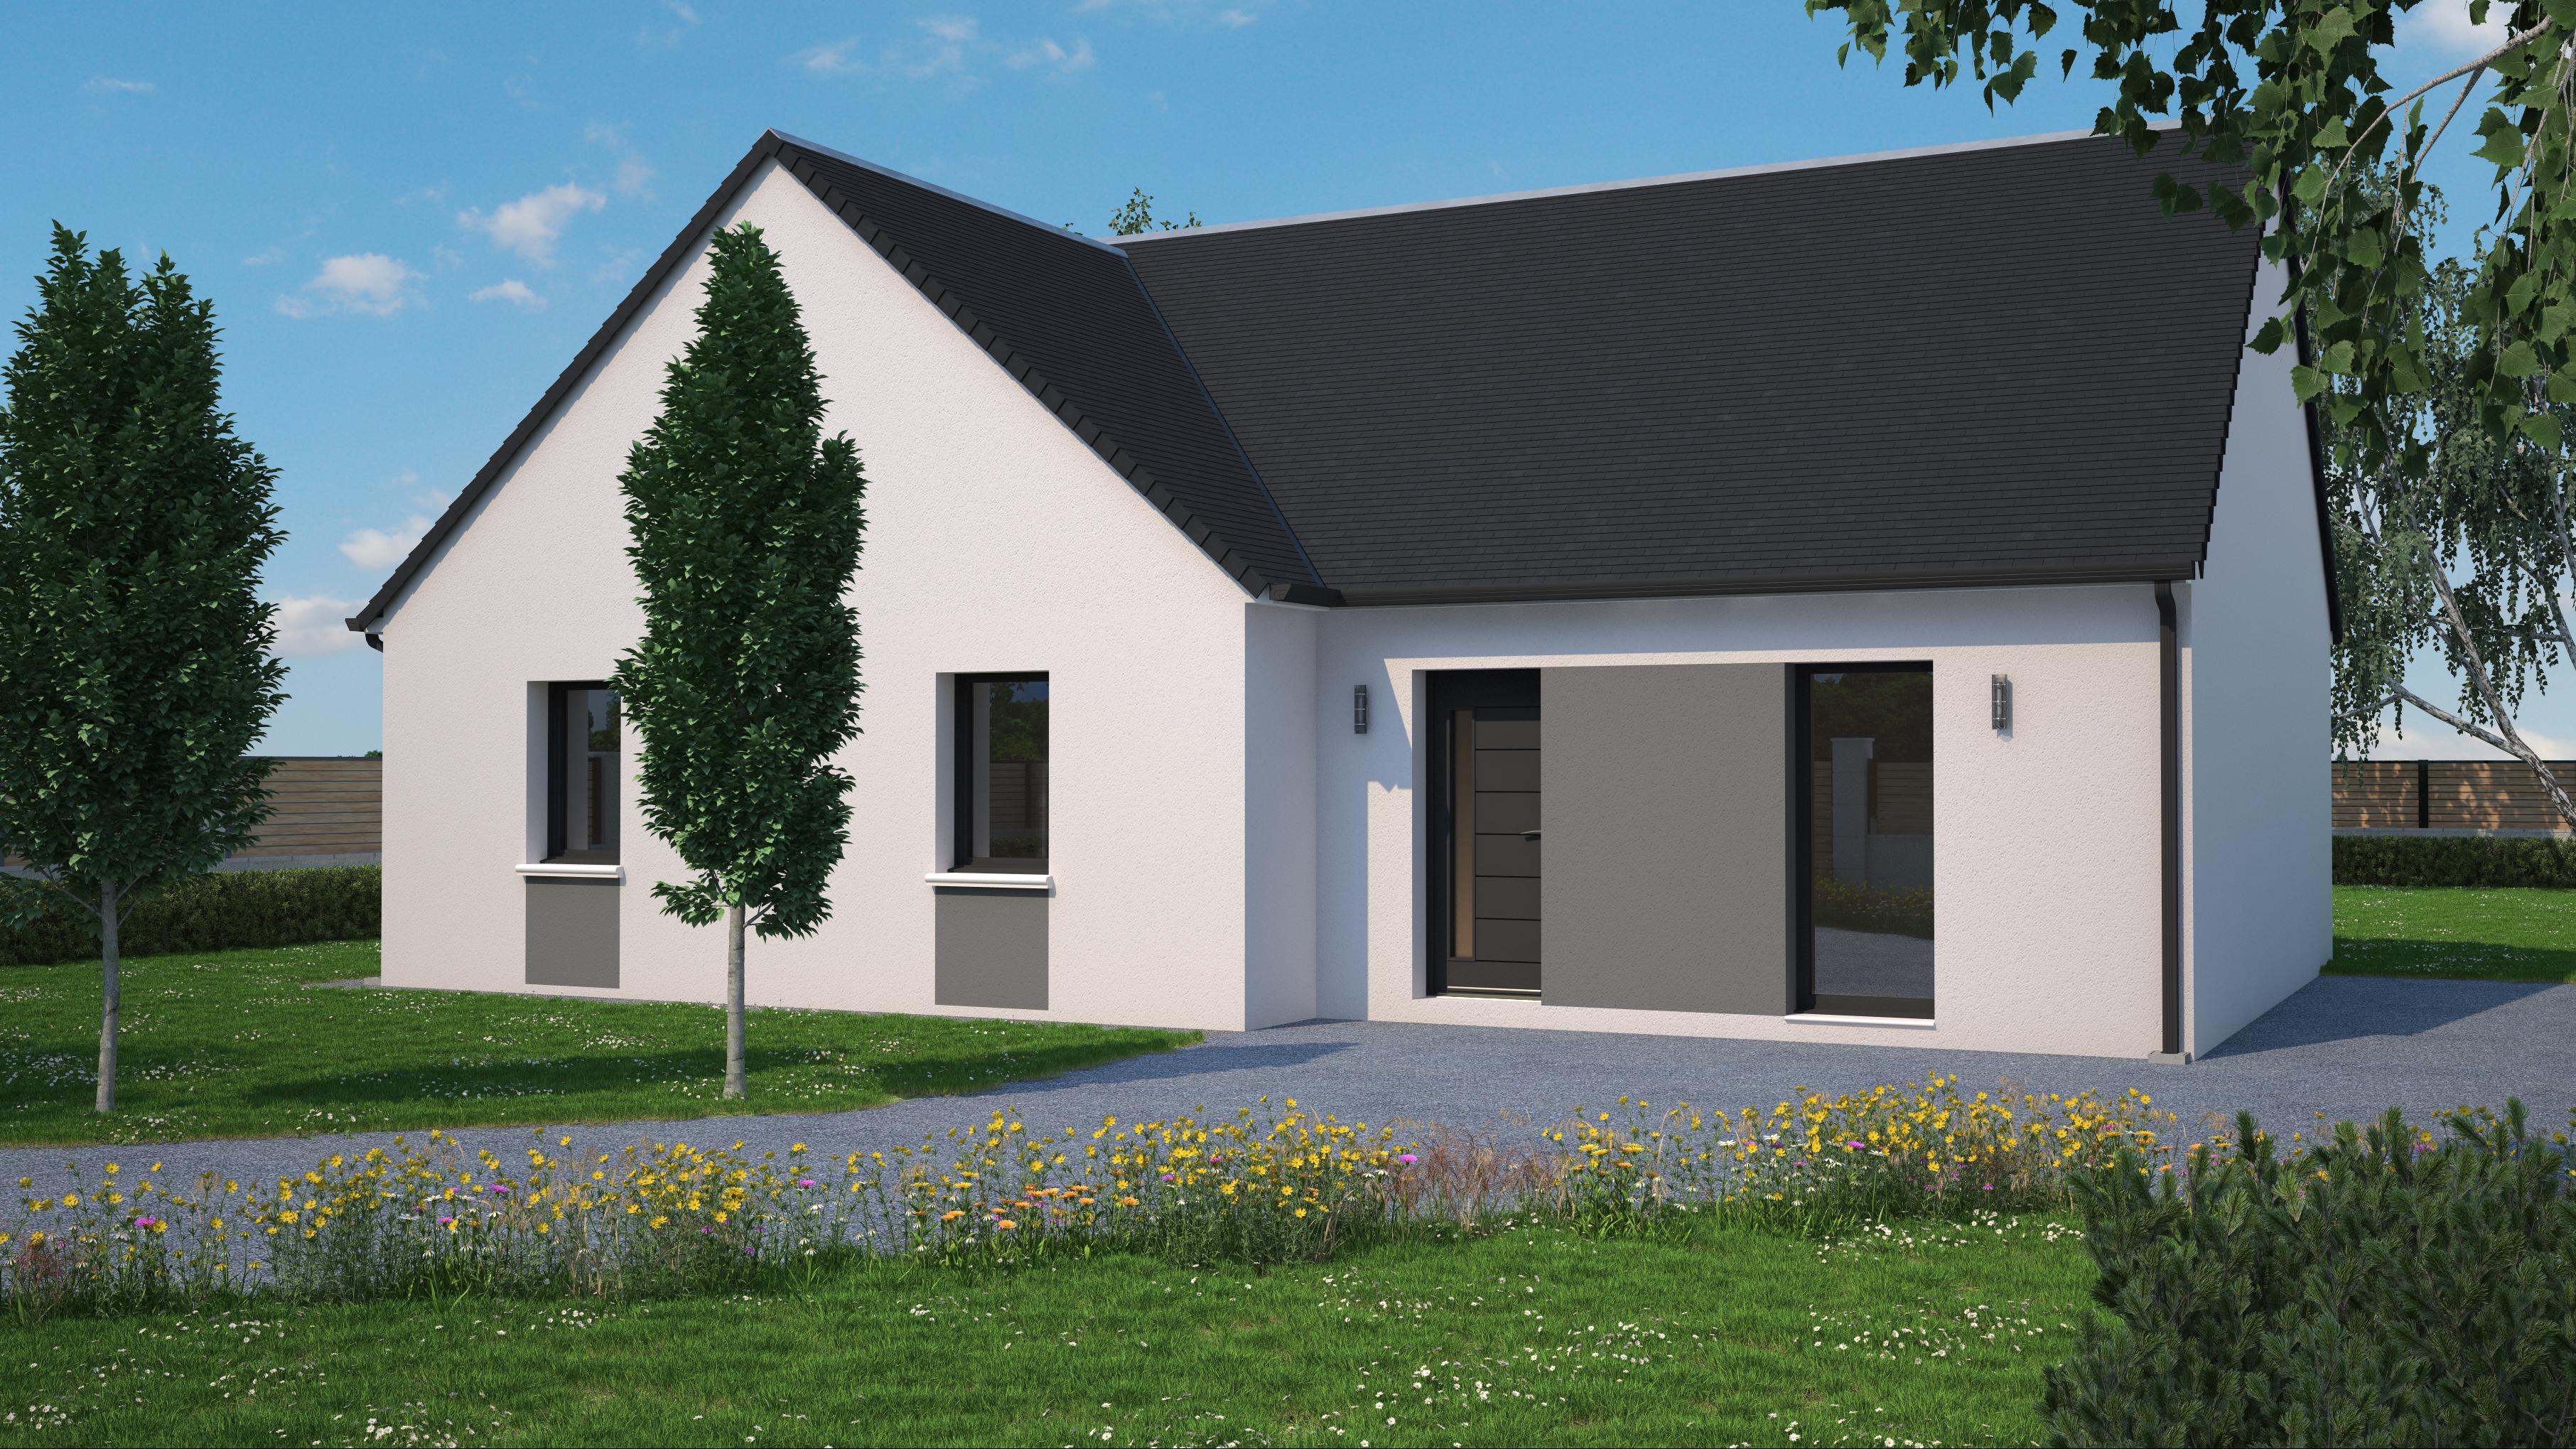 Maison à vendre à Grandchamps-des-Fontaines